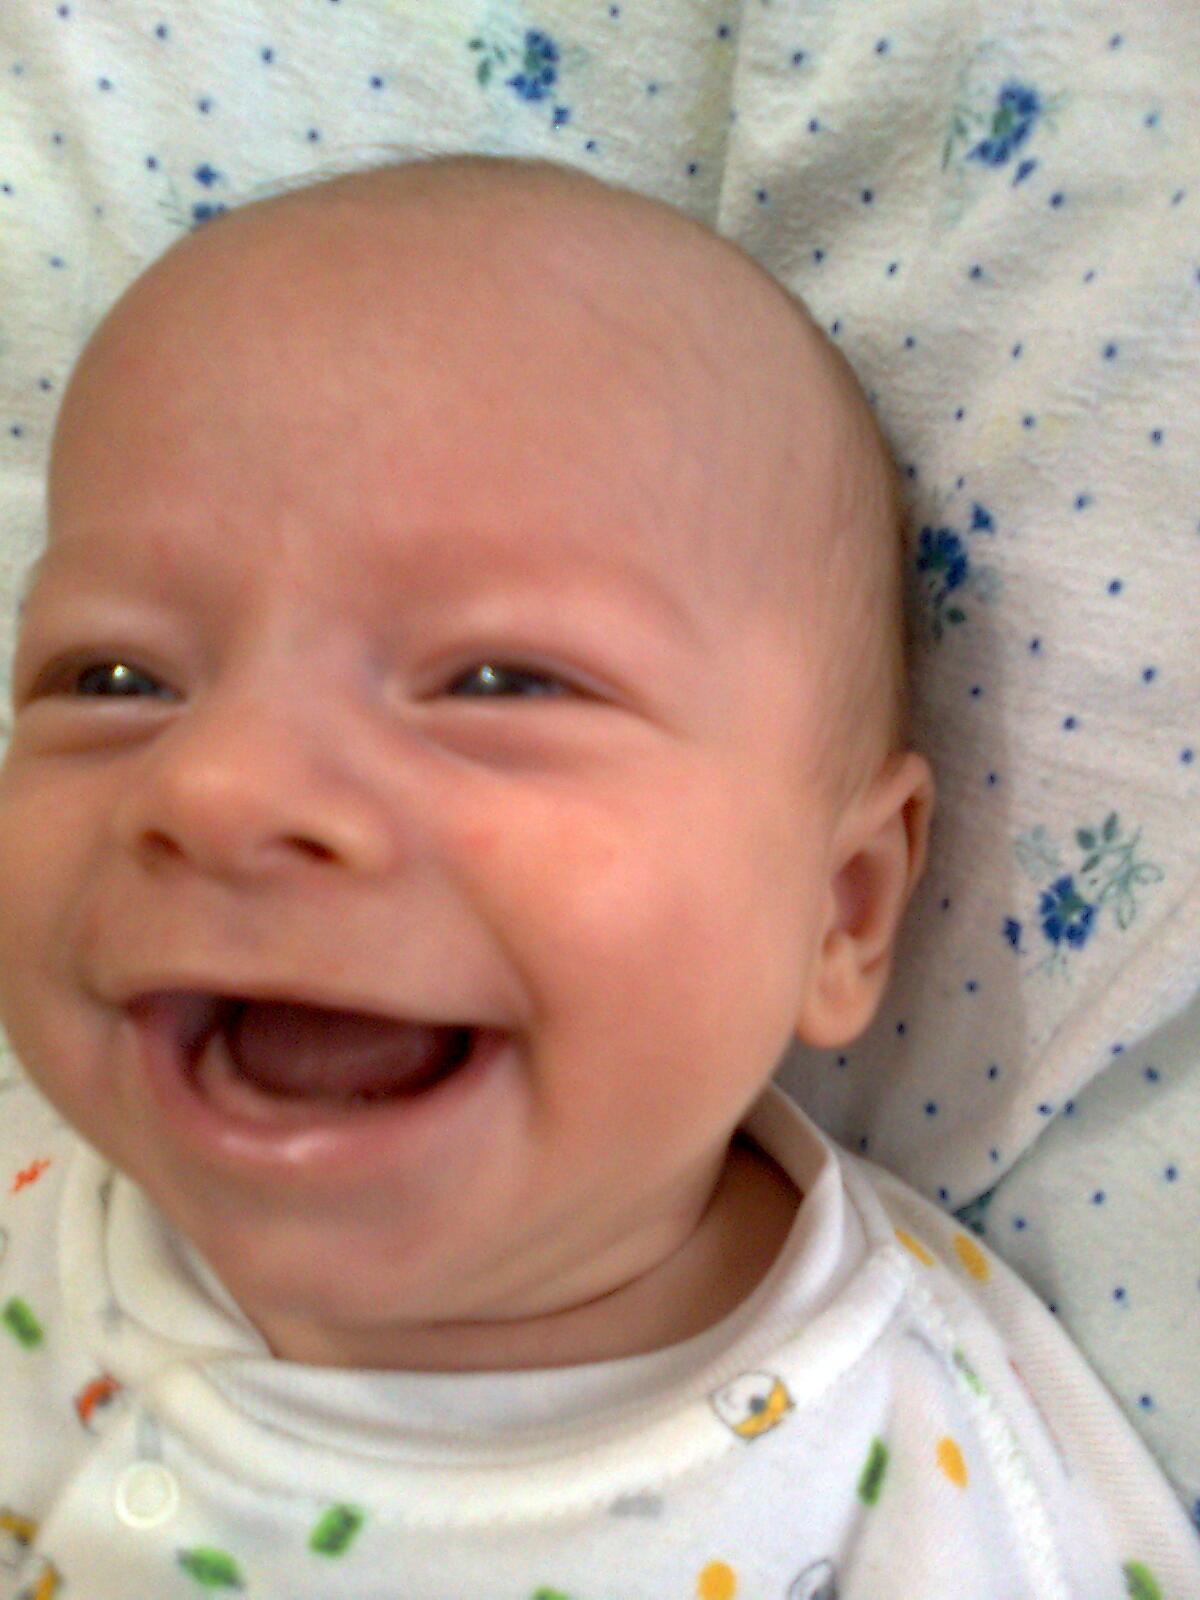 улыбочку. Дети улыбаются